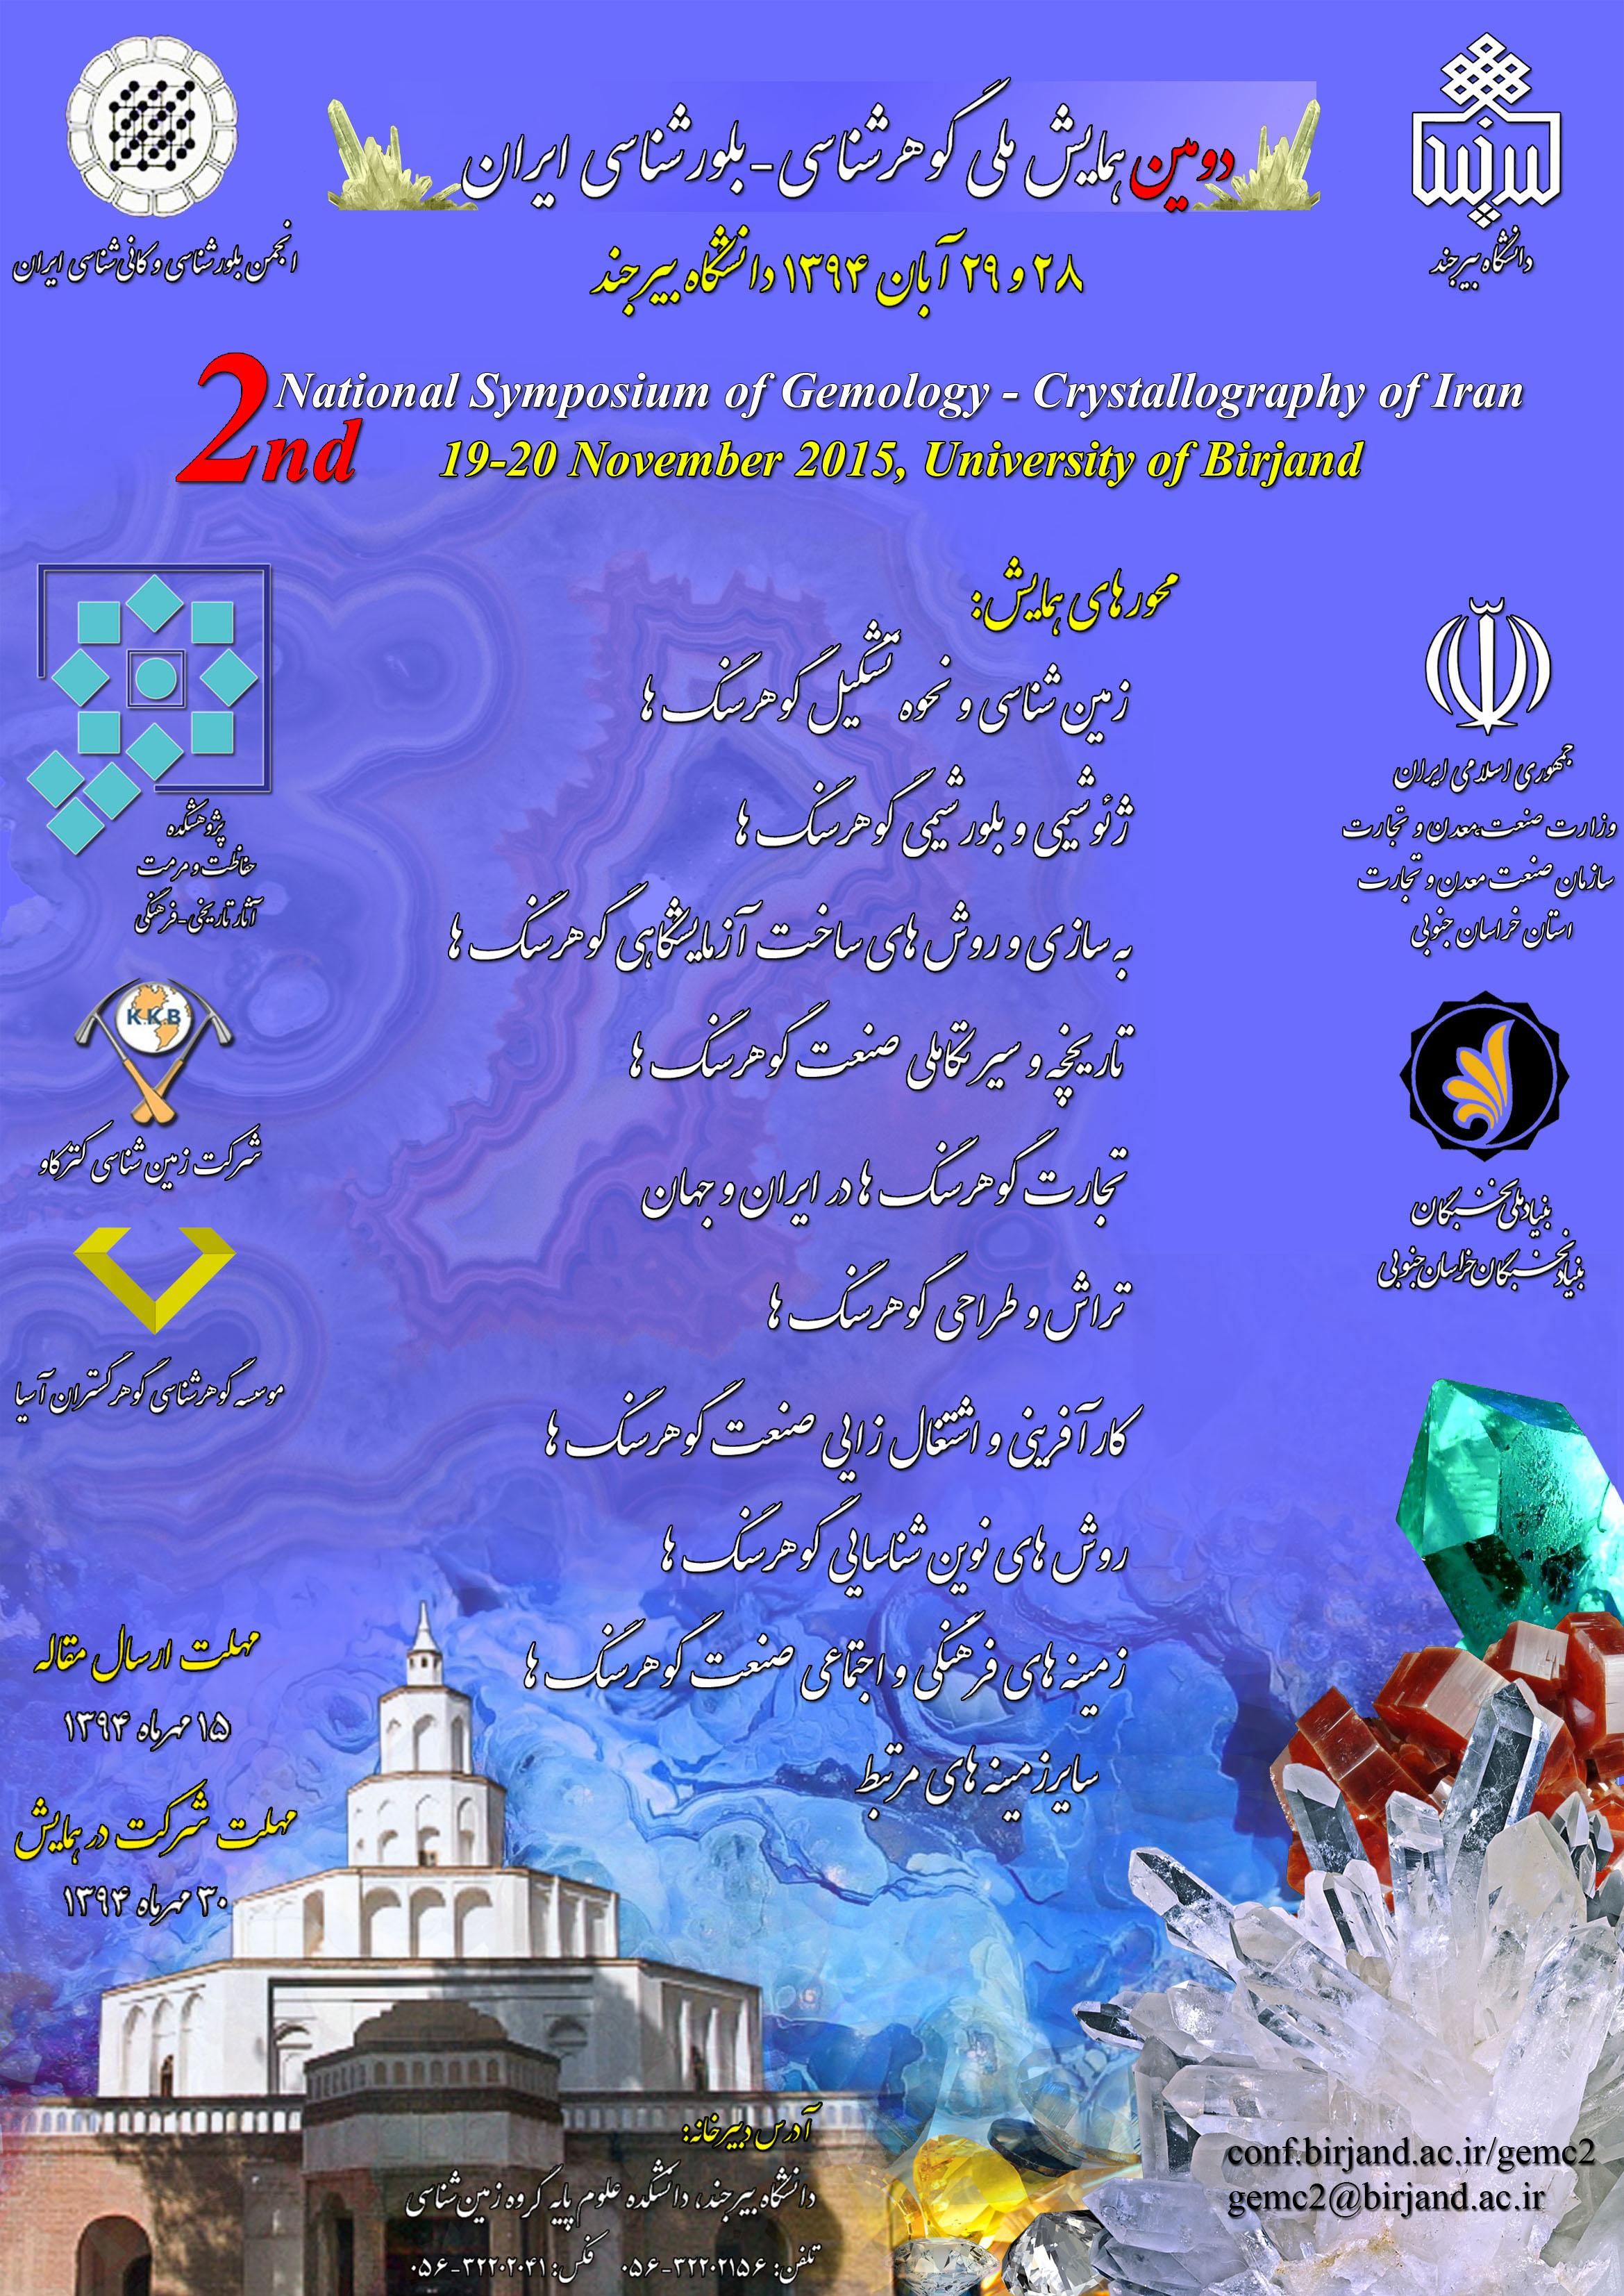 دومین همایش ملی گوهرشناسی و بلورشناسی ایران